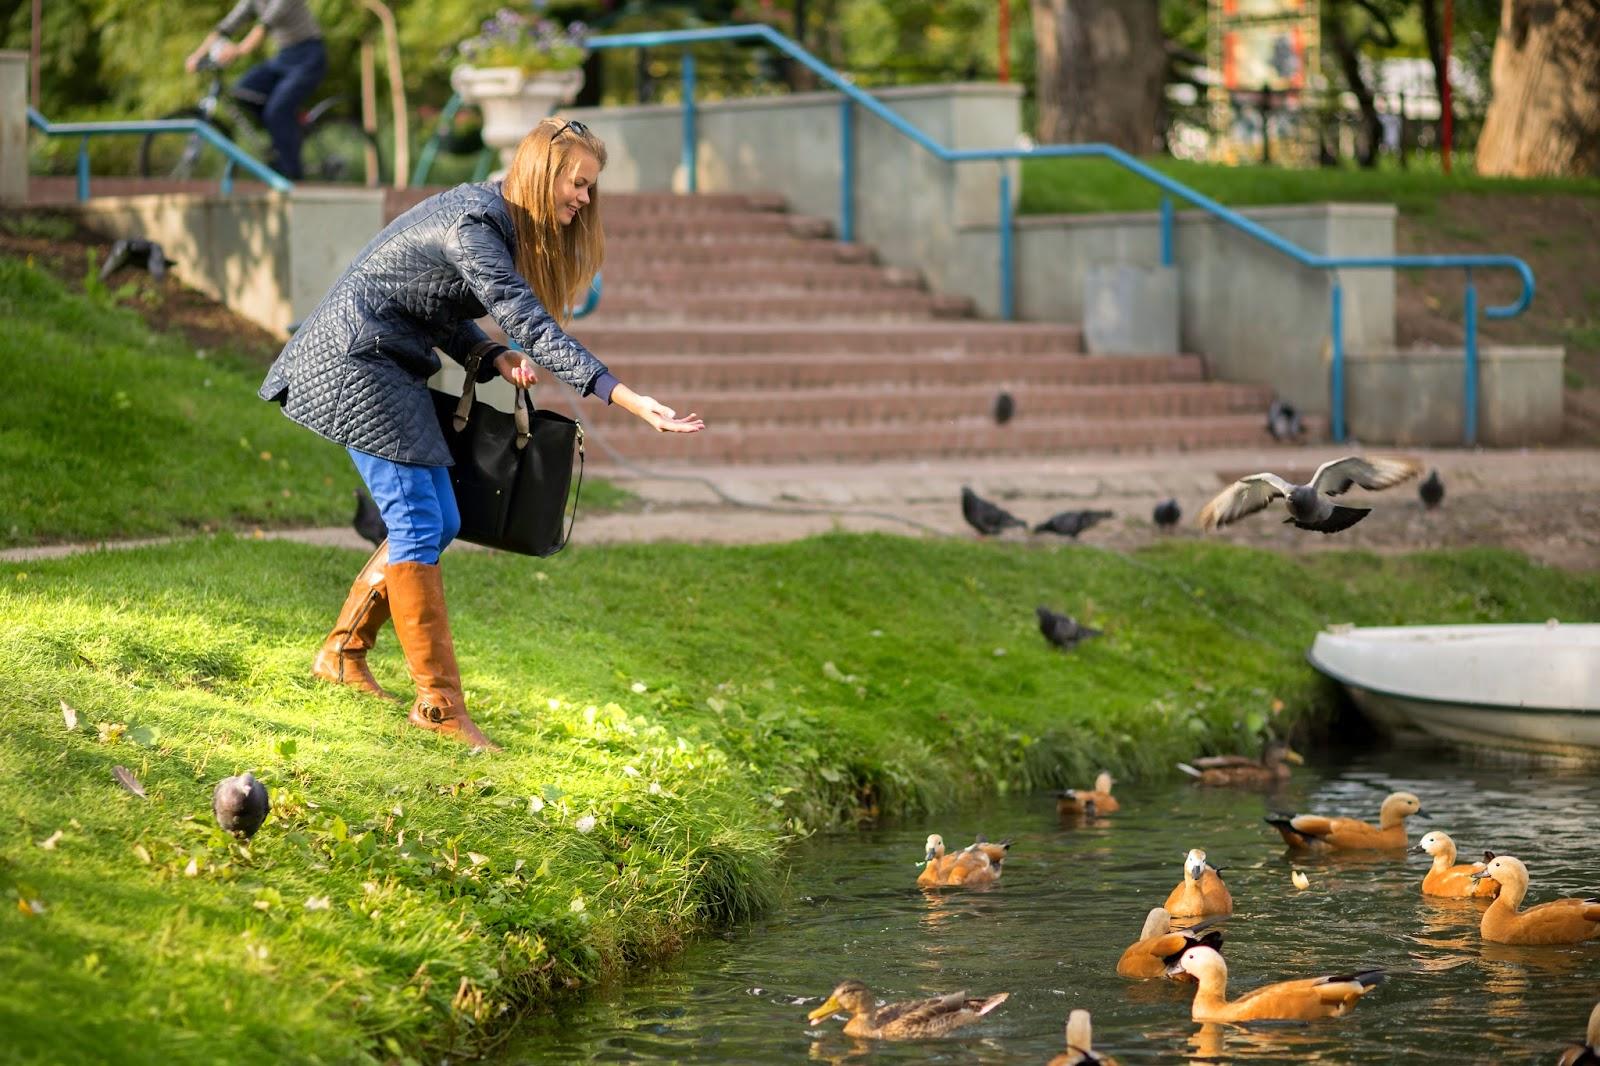 девушка в парке, индивидуальная фотосессия, осень, газон, озеро, утки, кормить уток